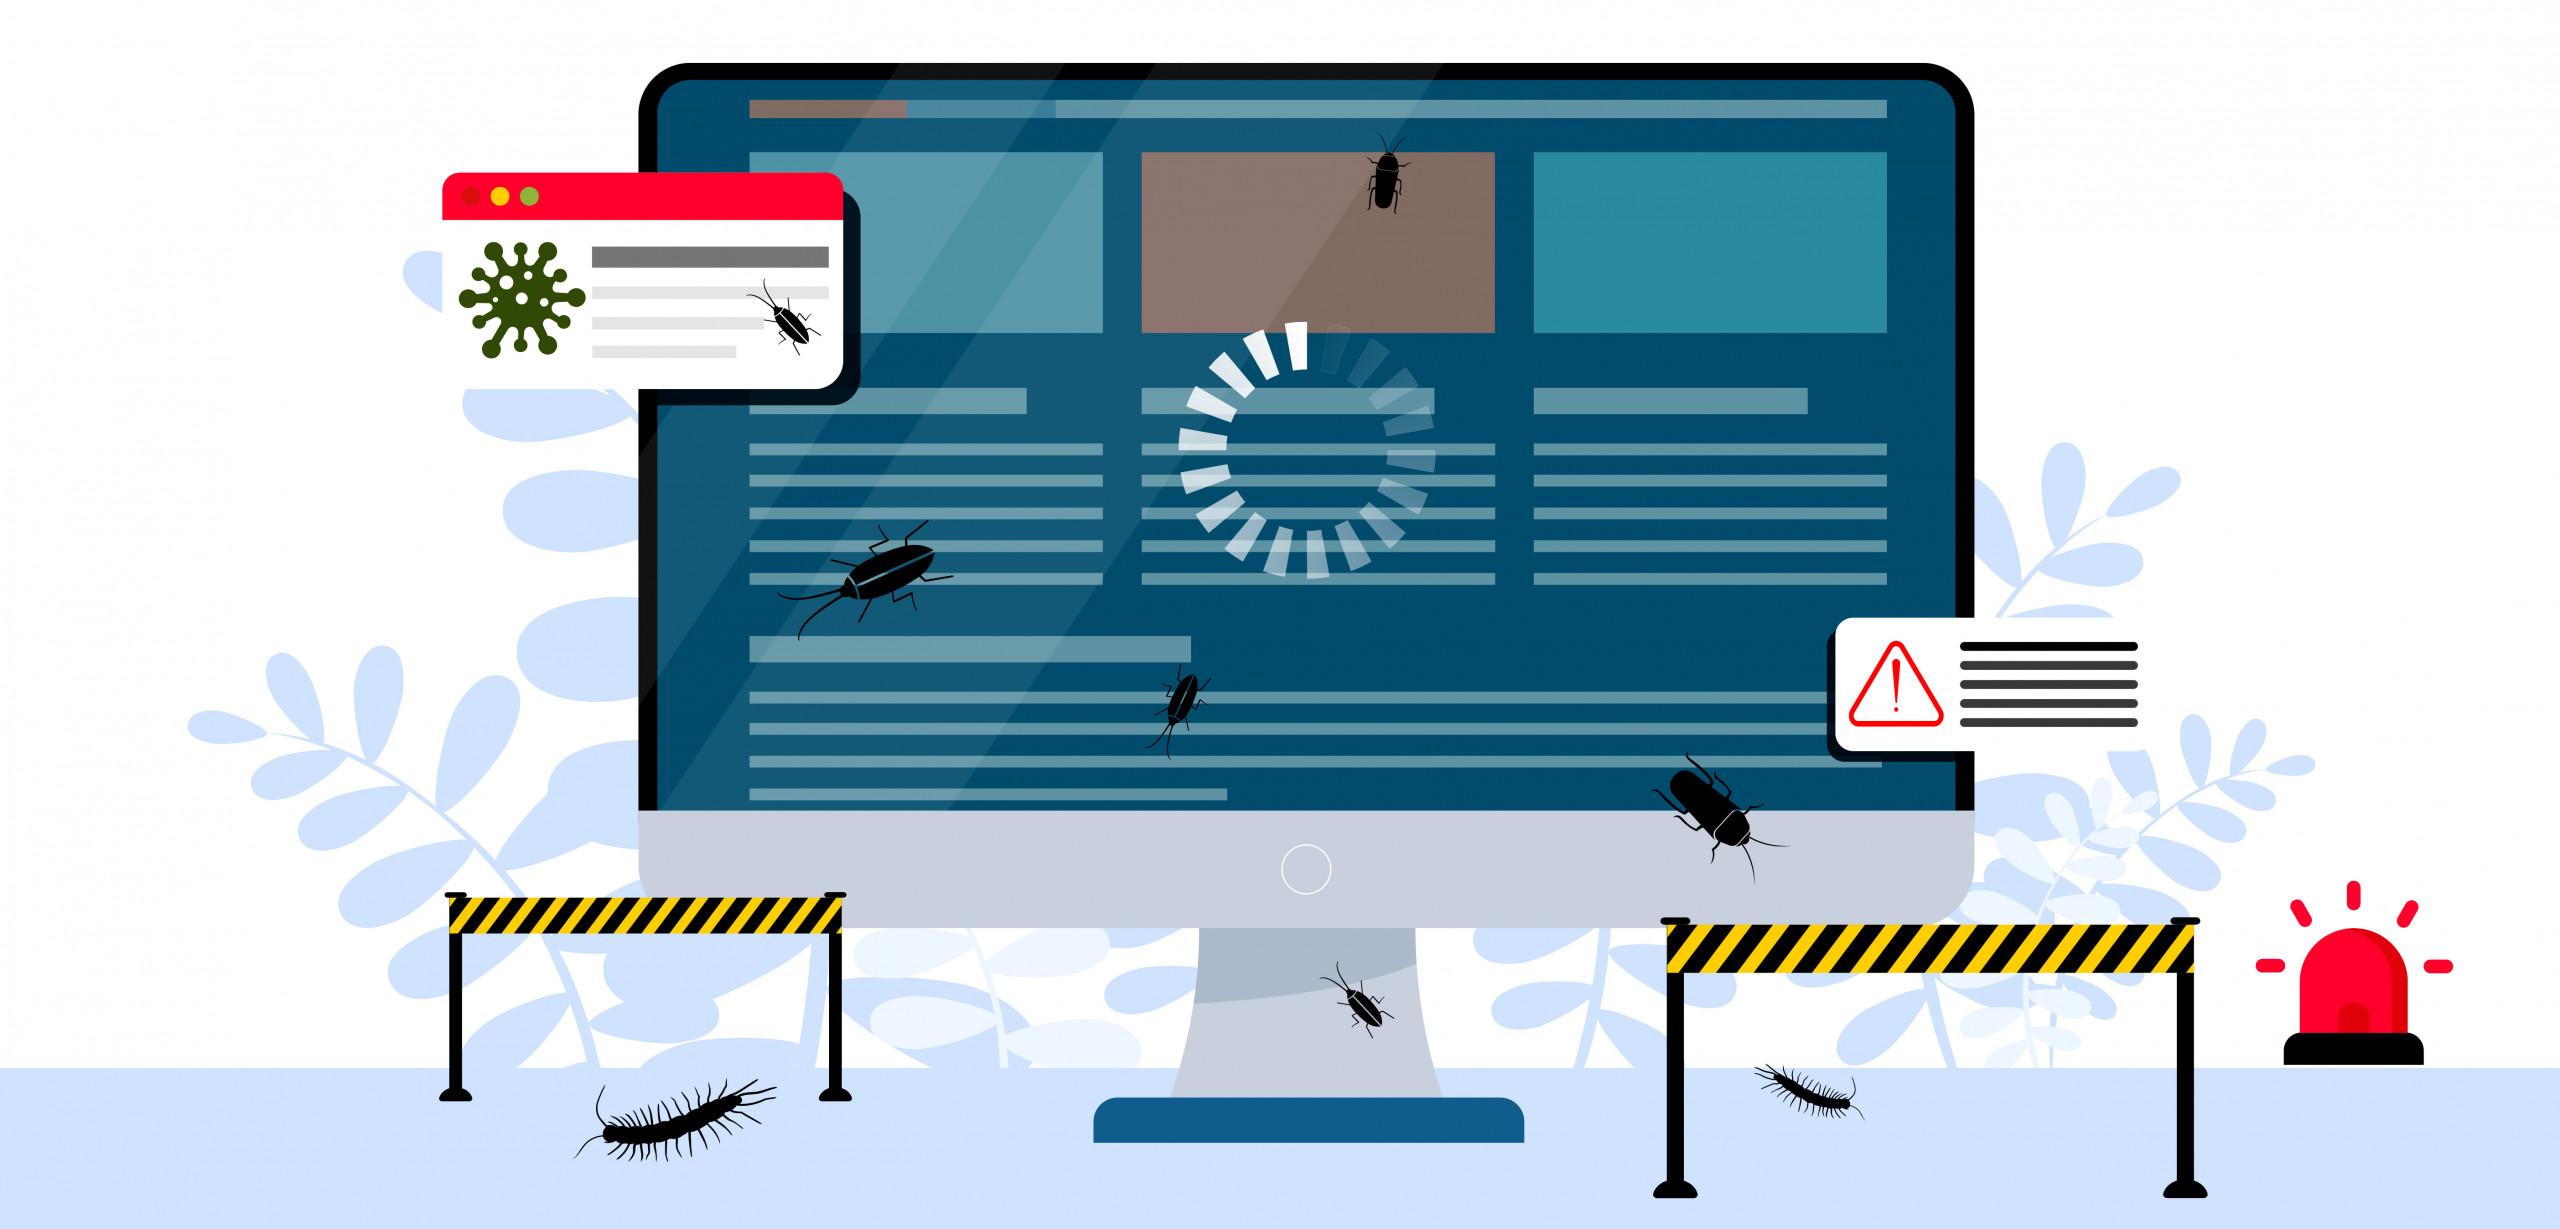 Malware krijgt toegang tot persoonlijke informatie